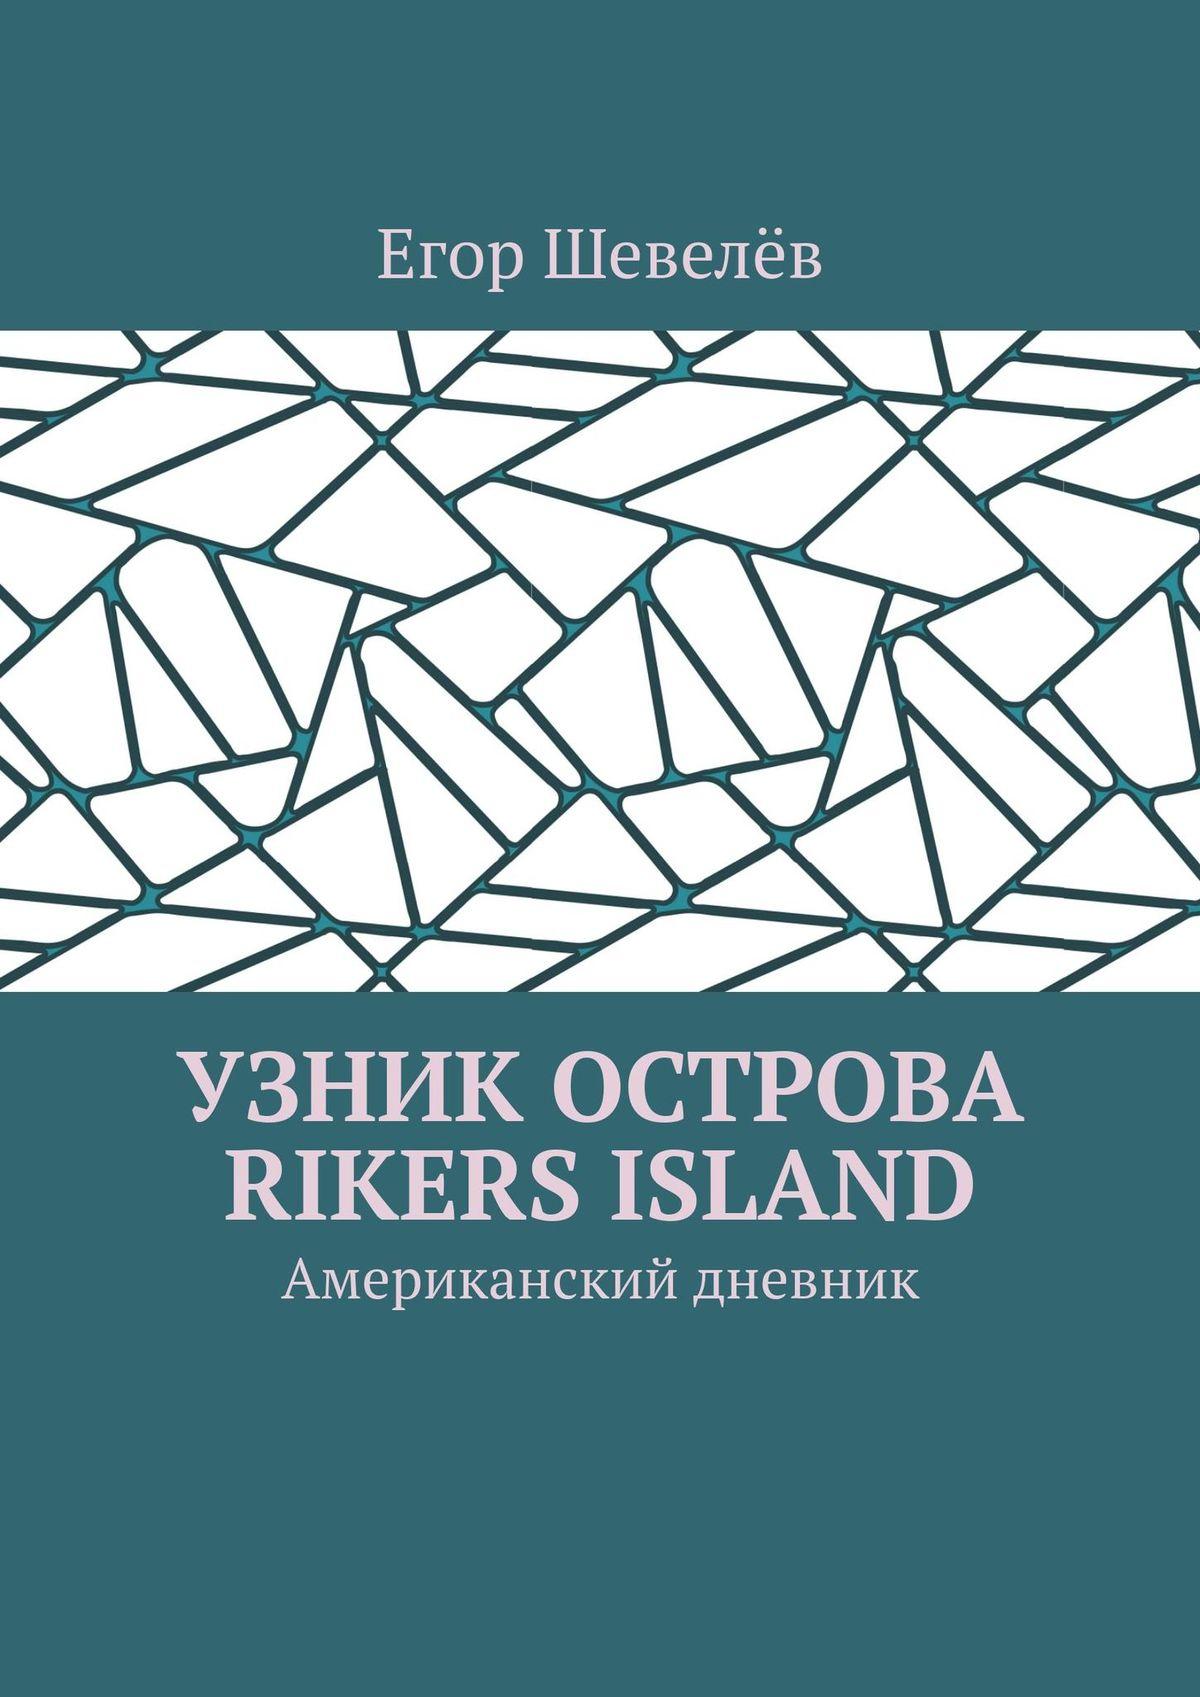 uznik ostrova rikers island amerikanskiy dnevnik